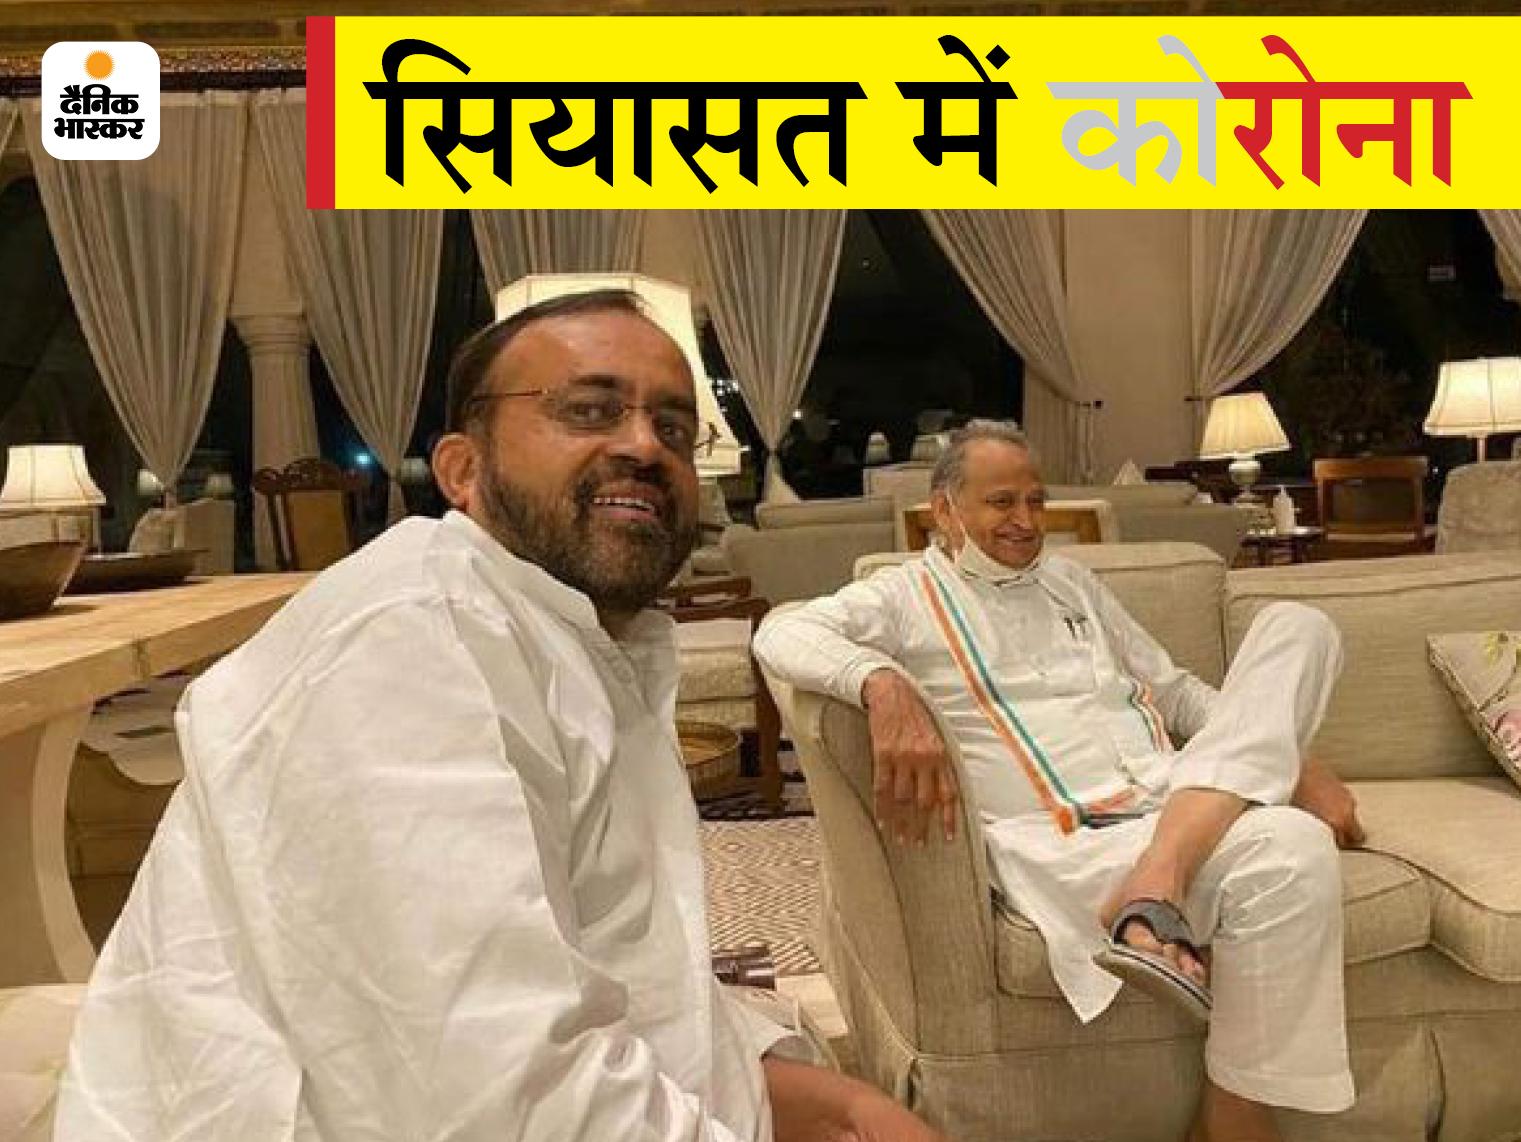 गहलोत को बधाई देते हुए लिखा- आपके मांझे से जो पतंगें कटीं, जमीन नसीब नहीं हुई|जयपुर,Jaipur - Dainik Bhaskar